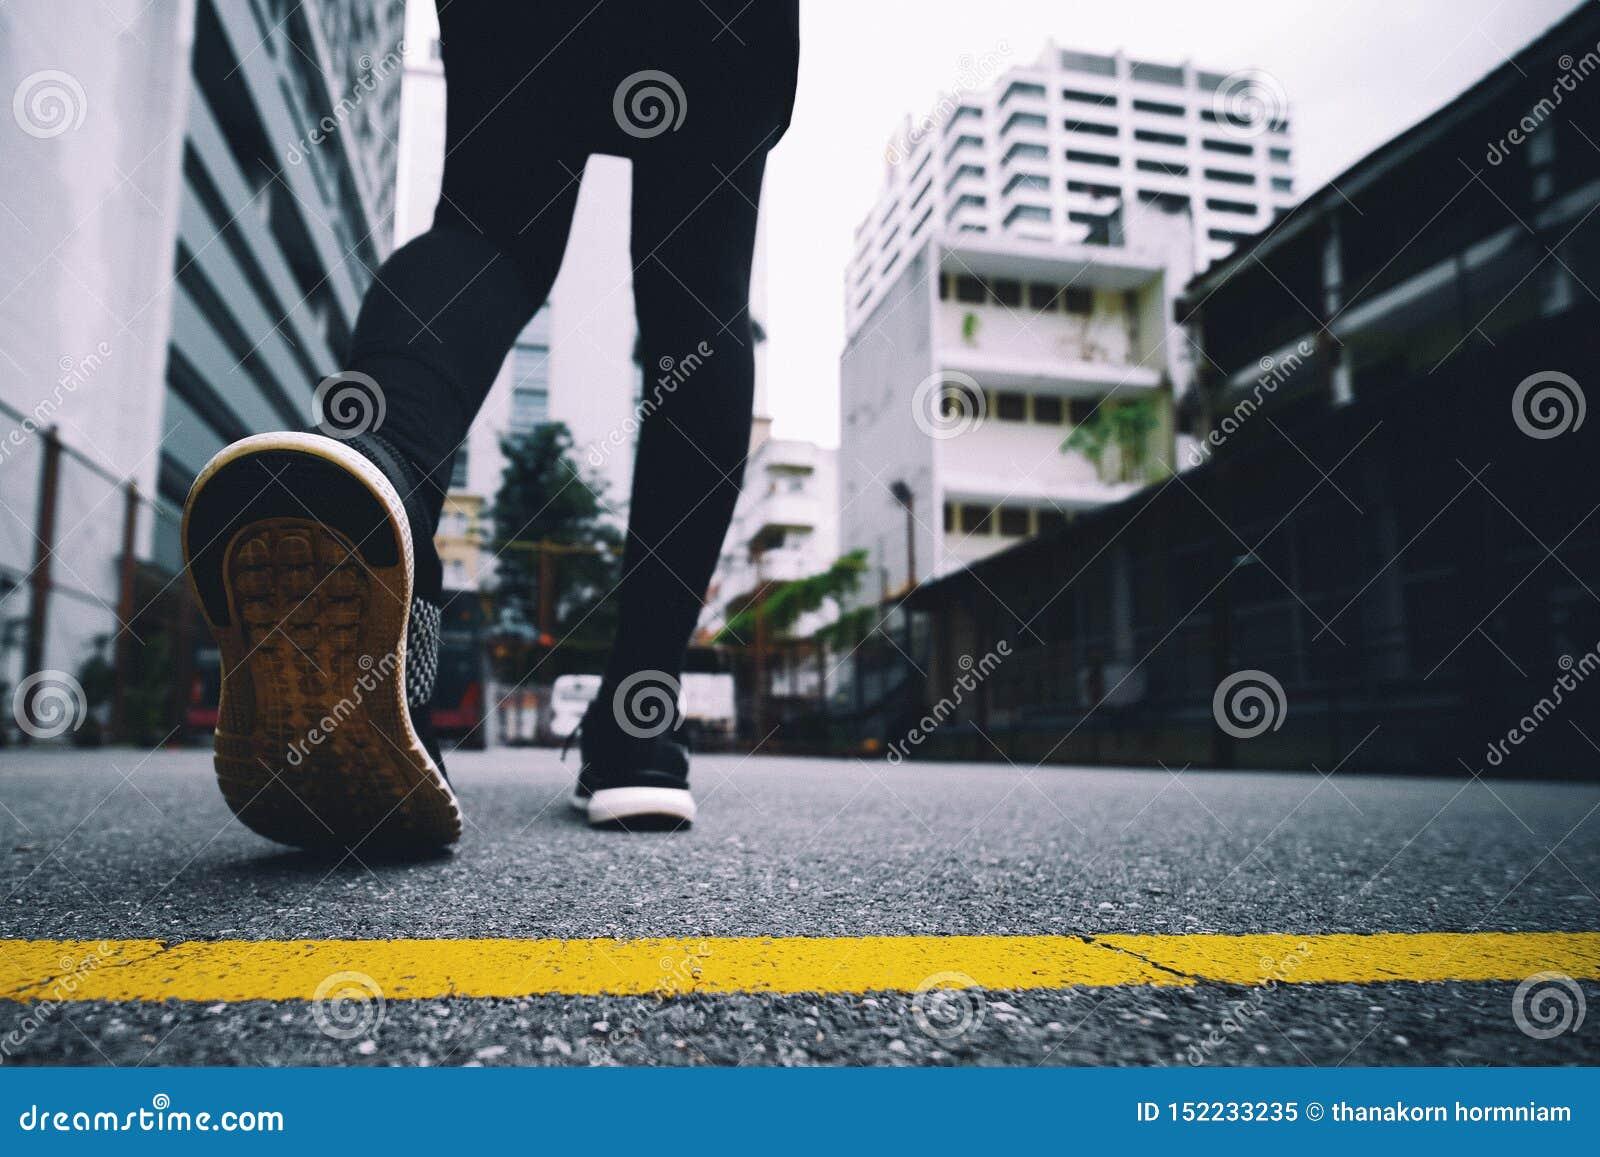 La muchacha lleva las zapatillas deportivas negras para correr en el parque